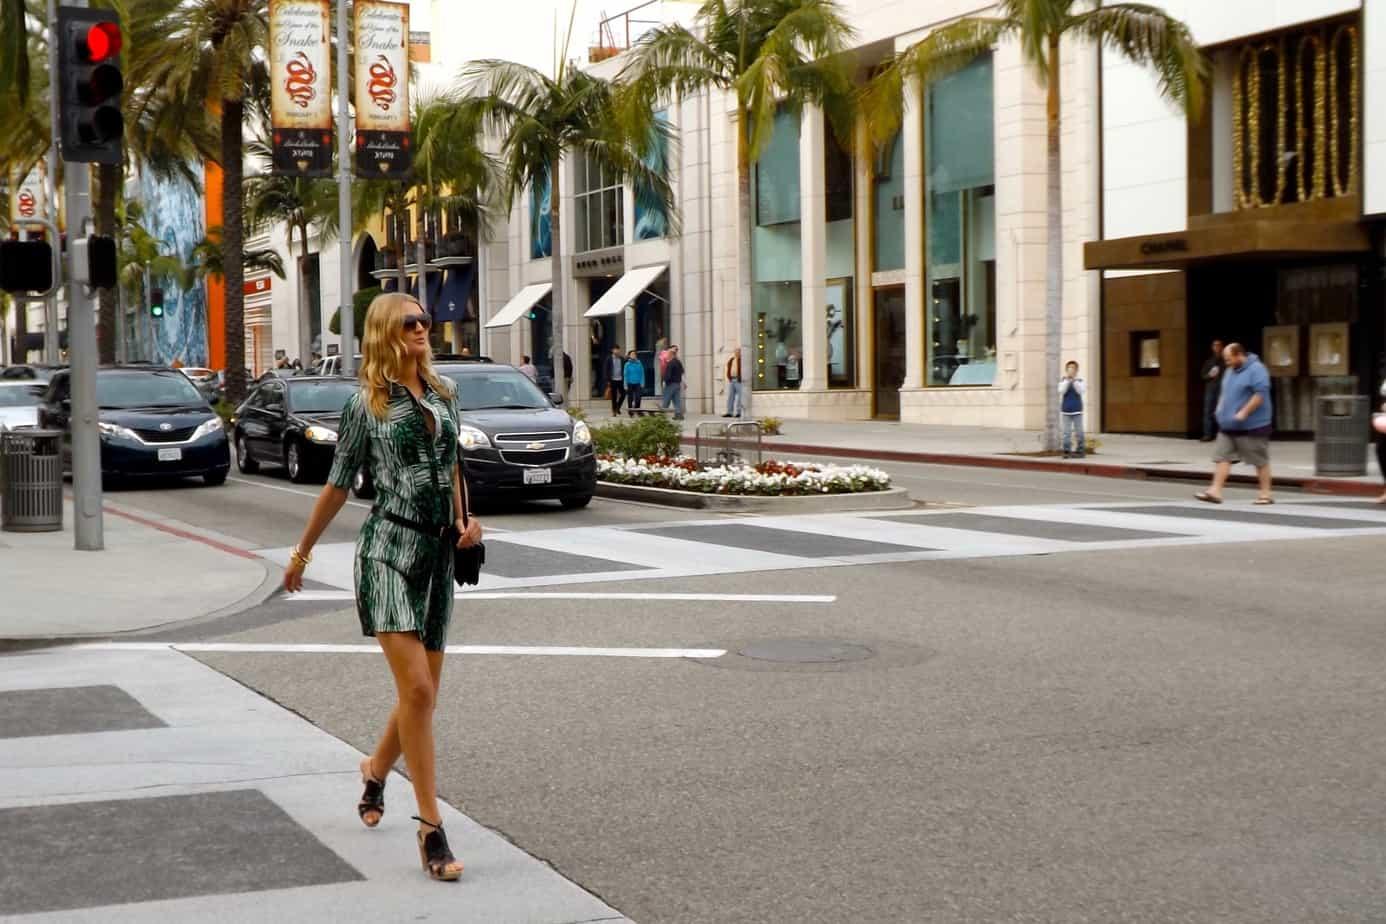 افضل 6 فنادق في لوس انجلوس بيفرلي هيلز 2020